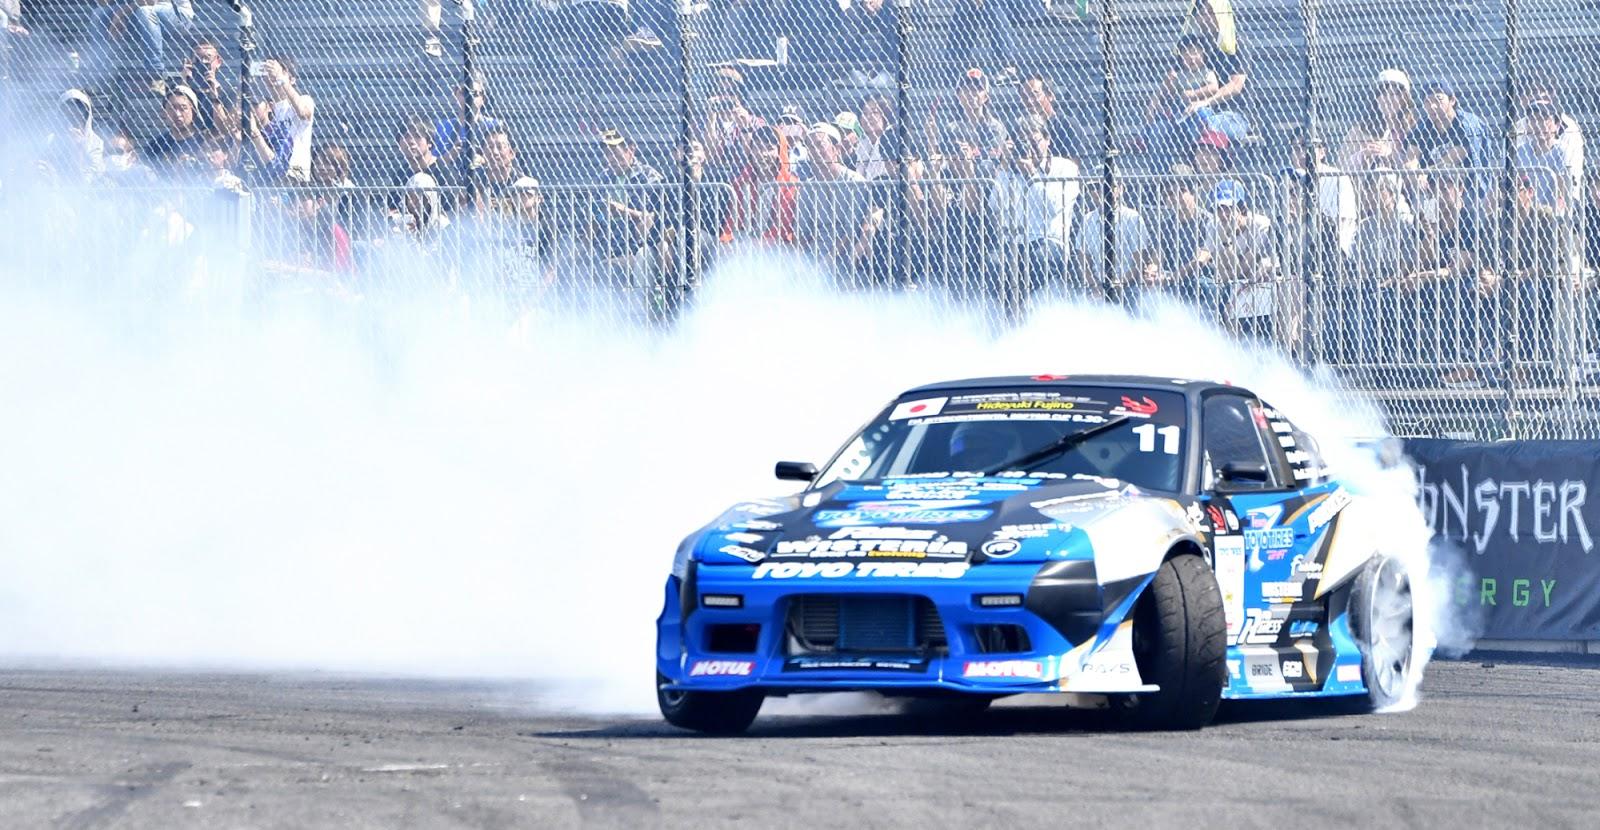 Αλλαγές στους Τεχνικούς Κανονισμούς Ράλλυ, Αναβάσεων, Ταχύτητας και Drag Racing